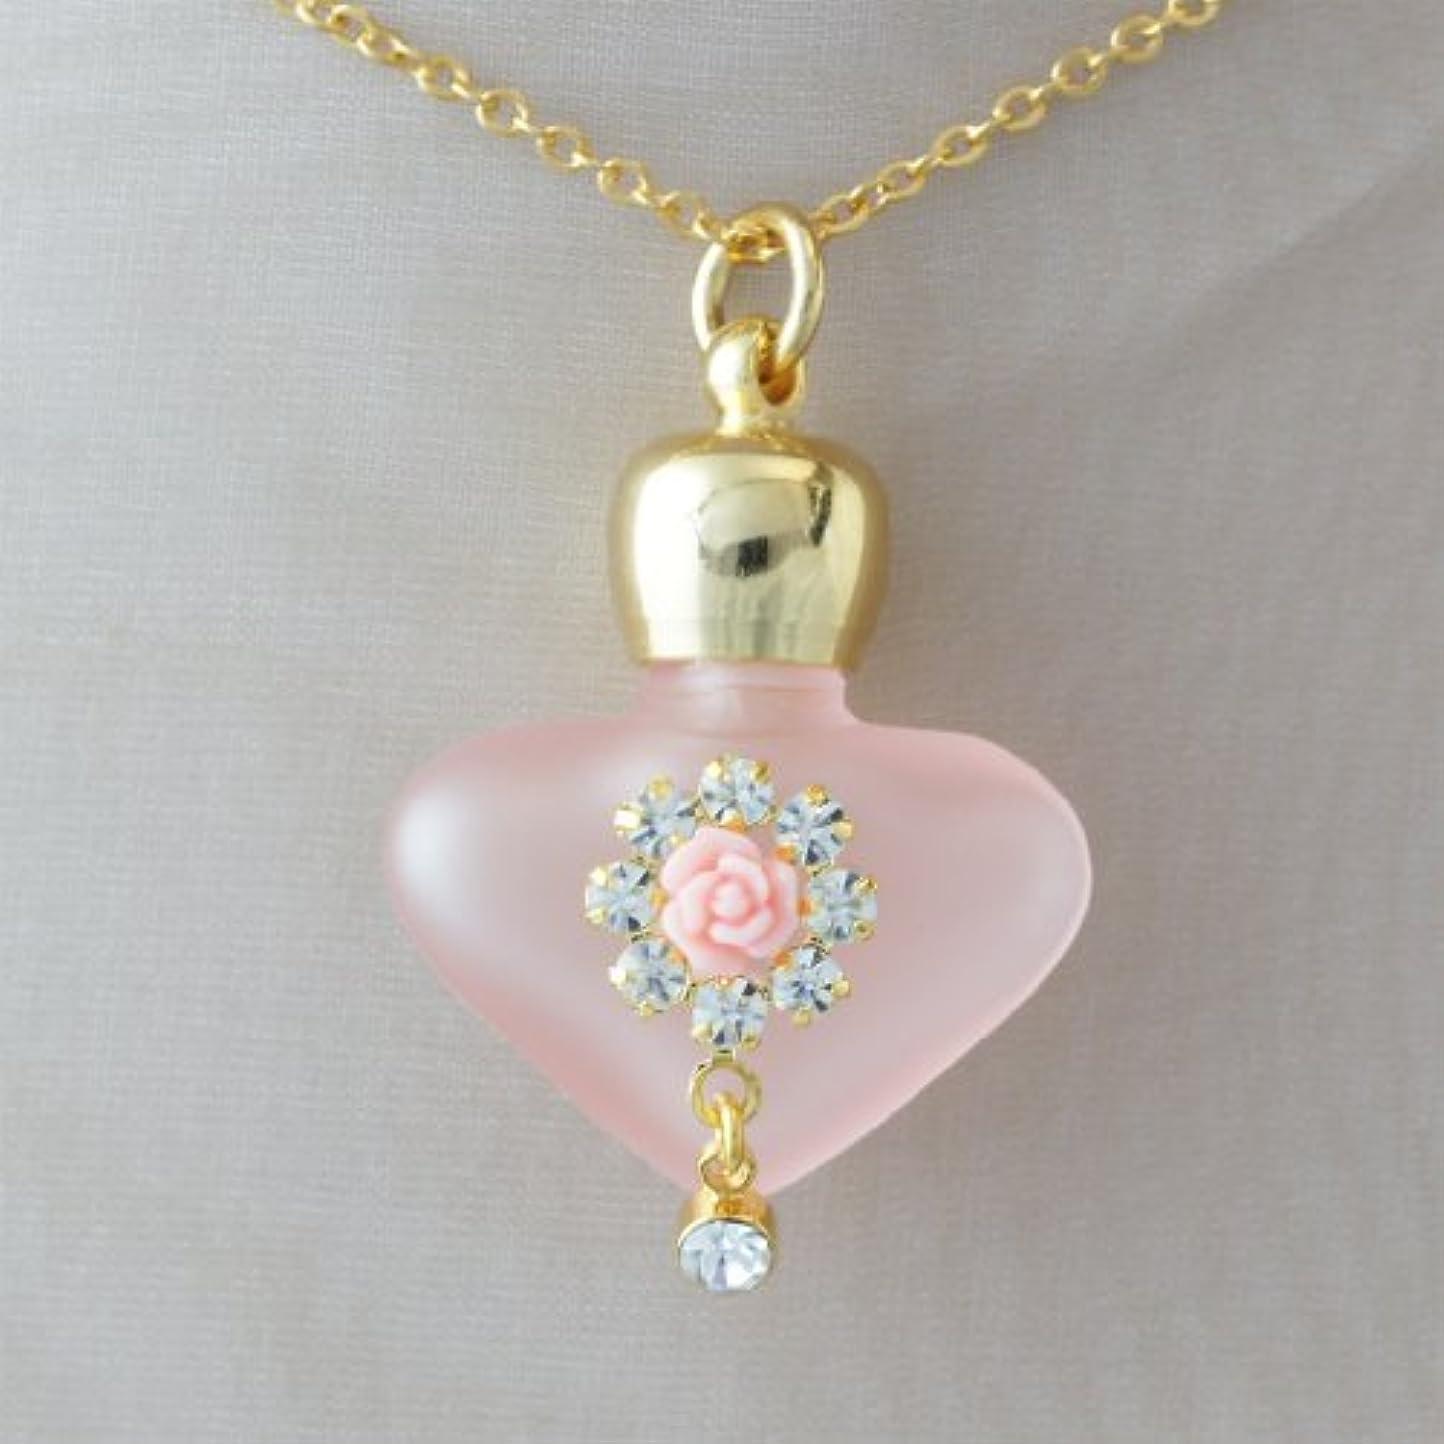 虫を数えるバブル巡礼者【天使の小瓶】 ハートフラワー (ピンク)